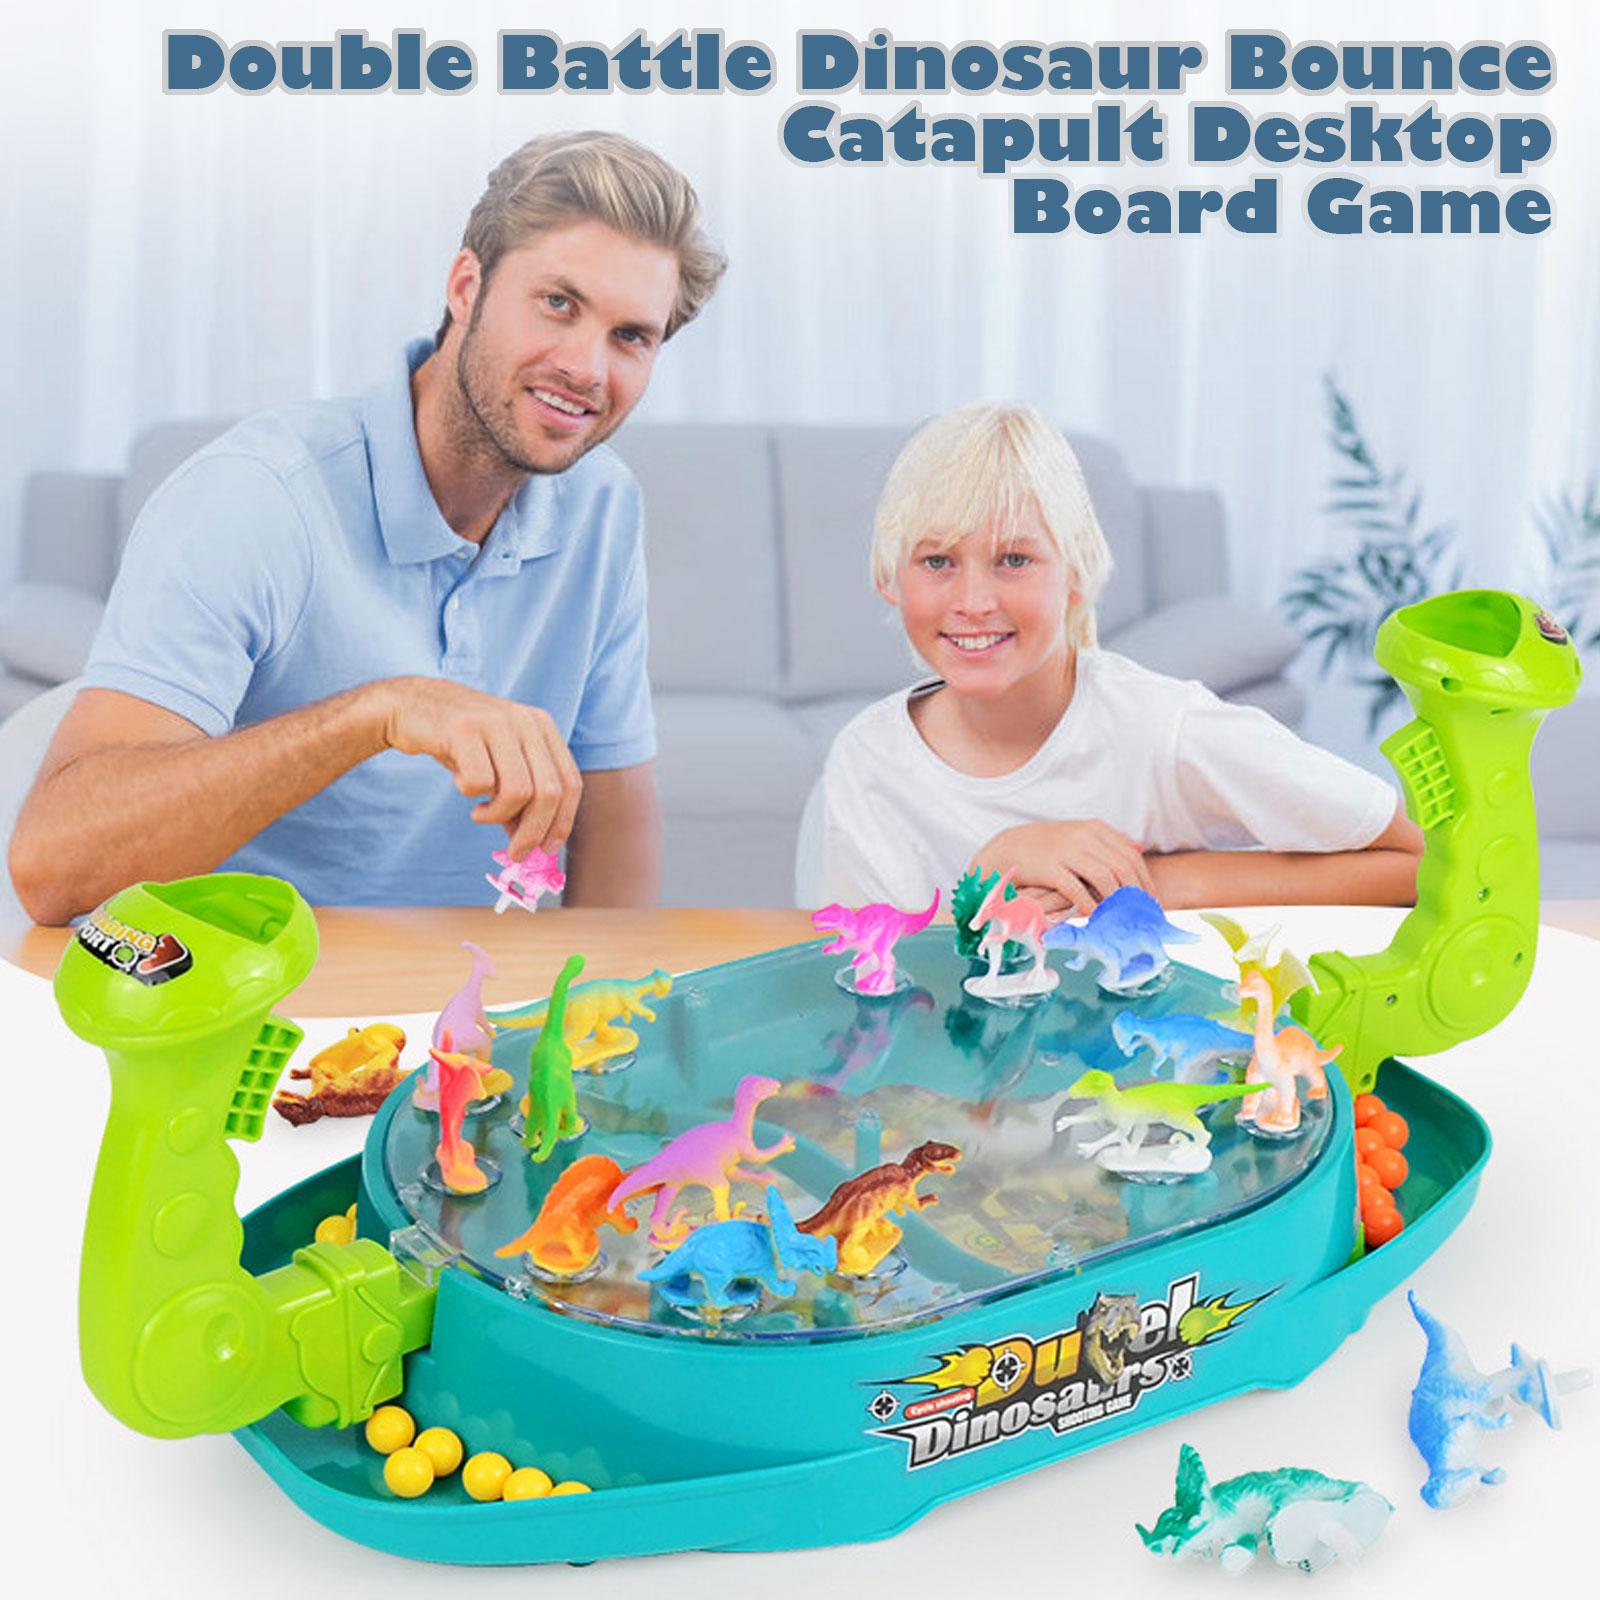 Engraçado duplo batalha dinossauro bounce catapulta desktop jogo de tabuleiro pai-criança brinquedo de interação para crianças festa de família